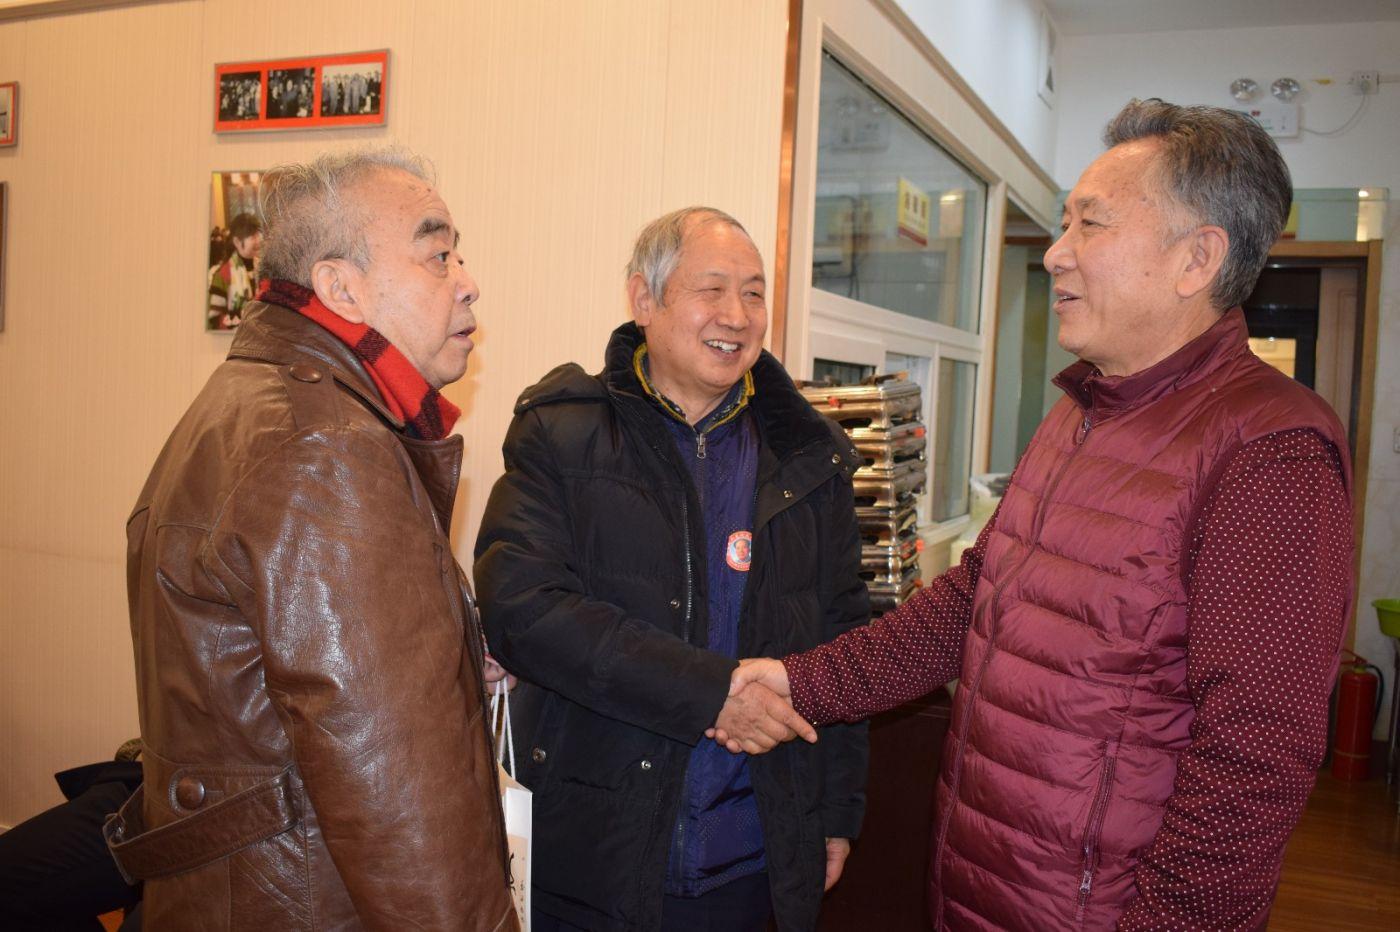 纪念毛泽东诞辰125周年《甲骨文毛泽东诗词集》  出版发布会在京举办 ... ... ..._图1-9